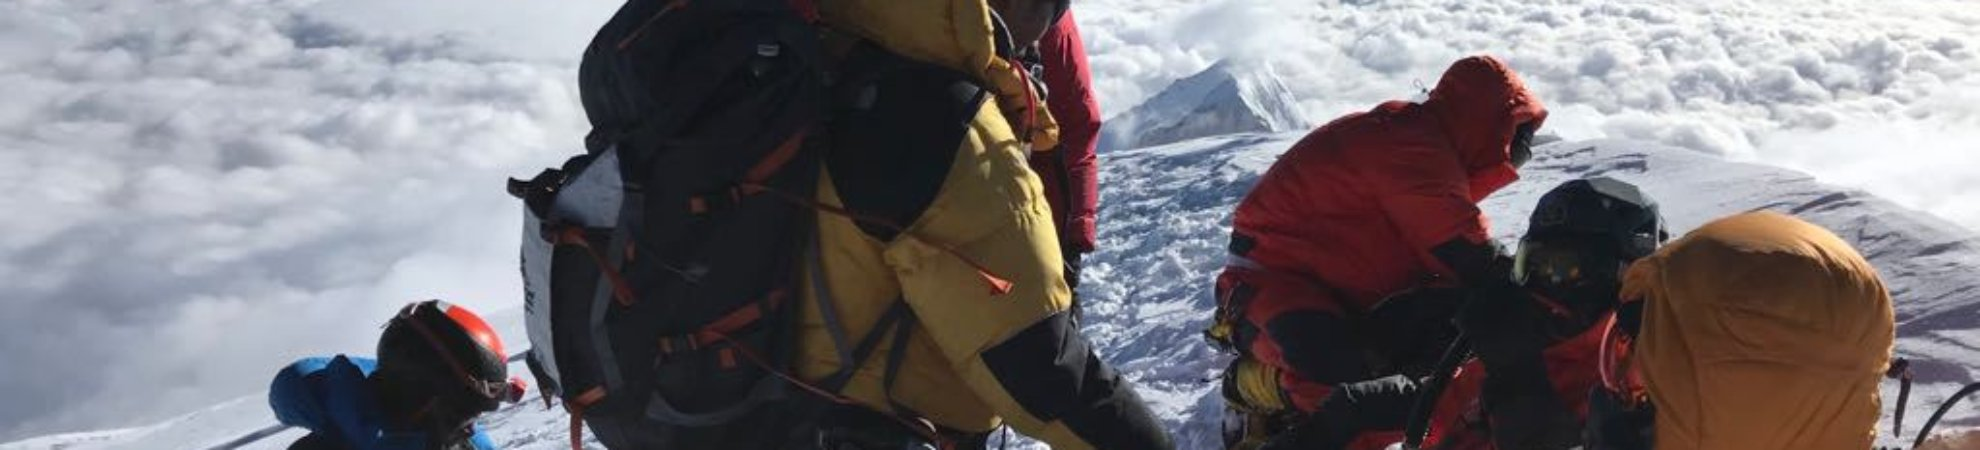 Irish Climbers K2 Summits